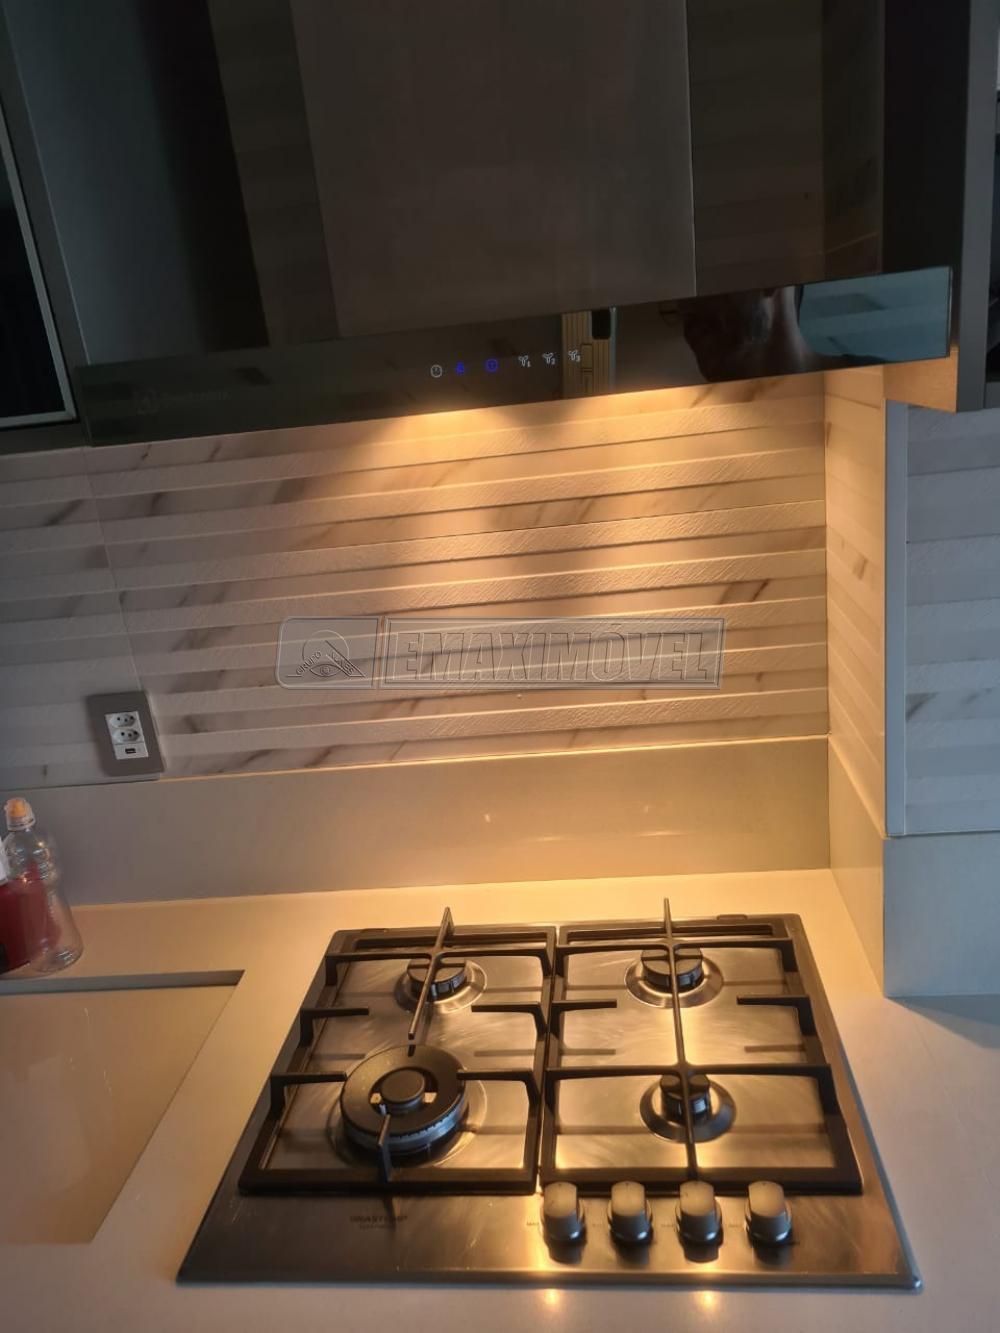 Comprar Apartamento / Padrão em Sorocaba R$ 300.000,00 - Foto 21